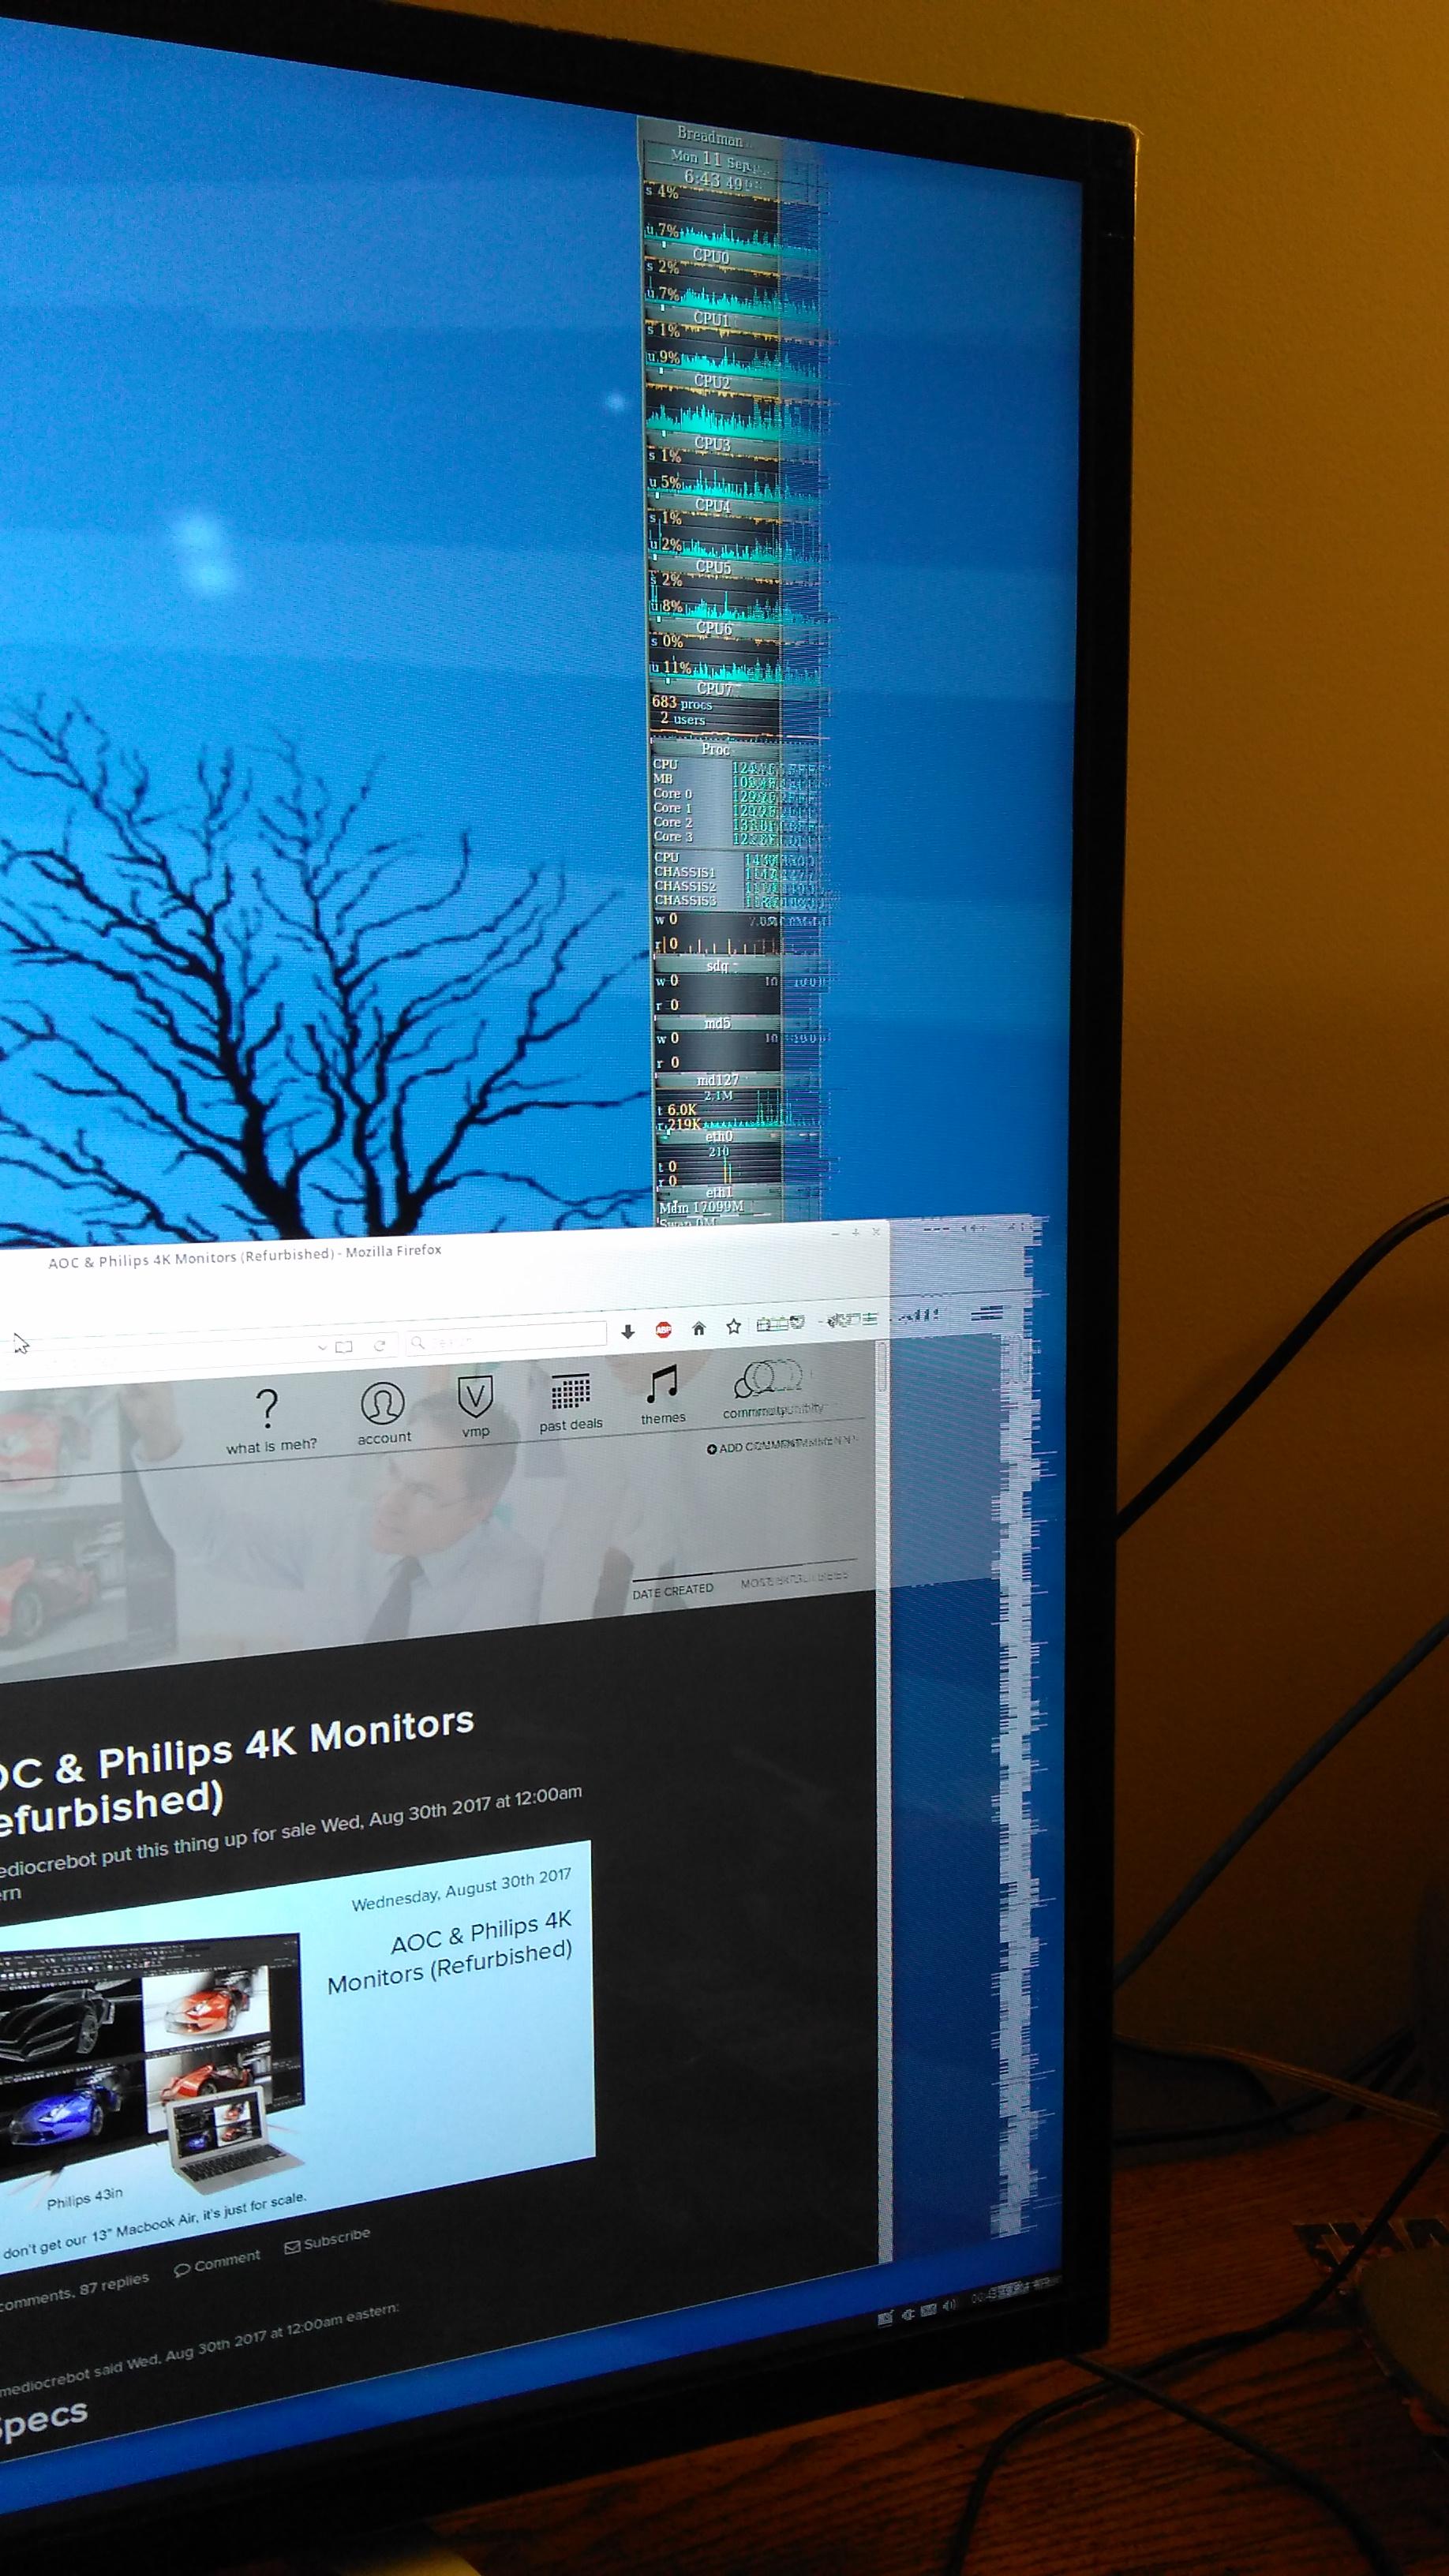 ... cables scrambled display